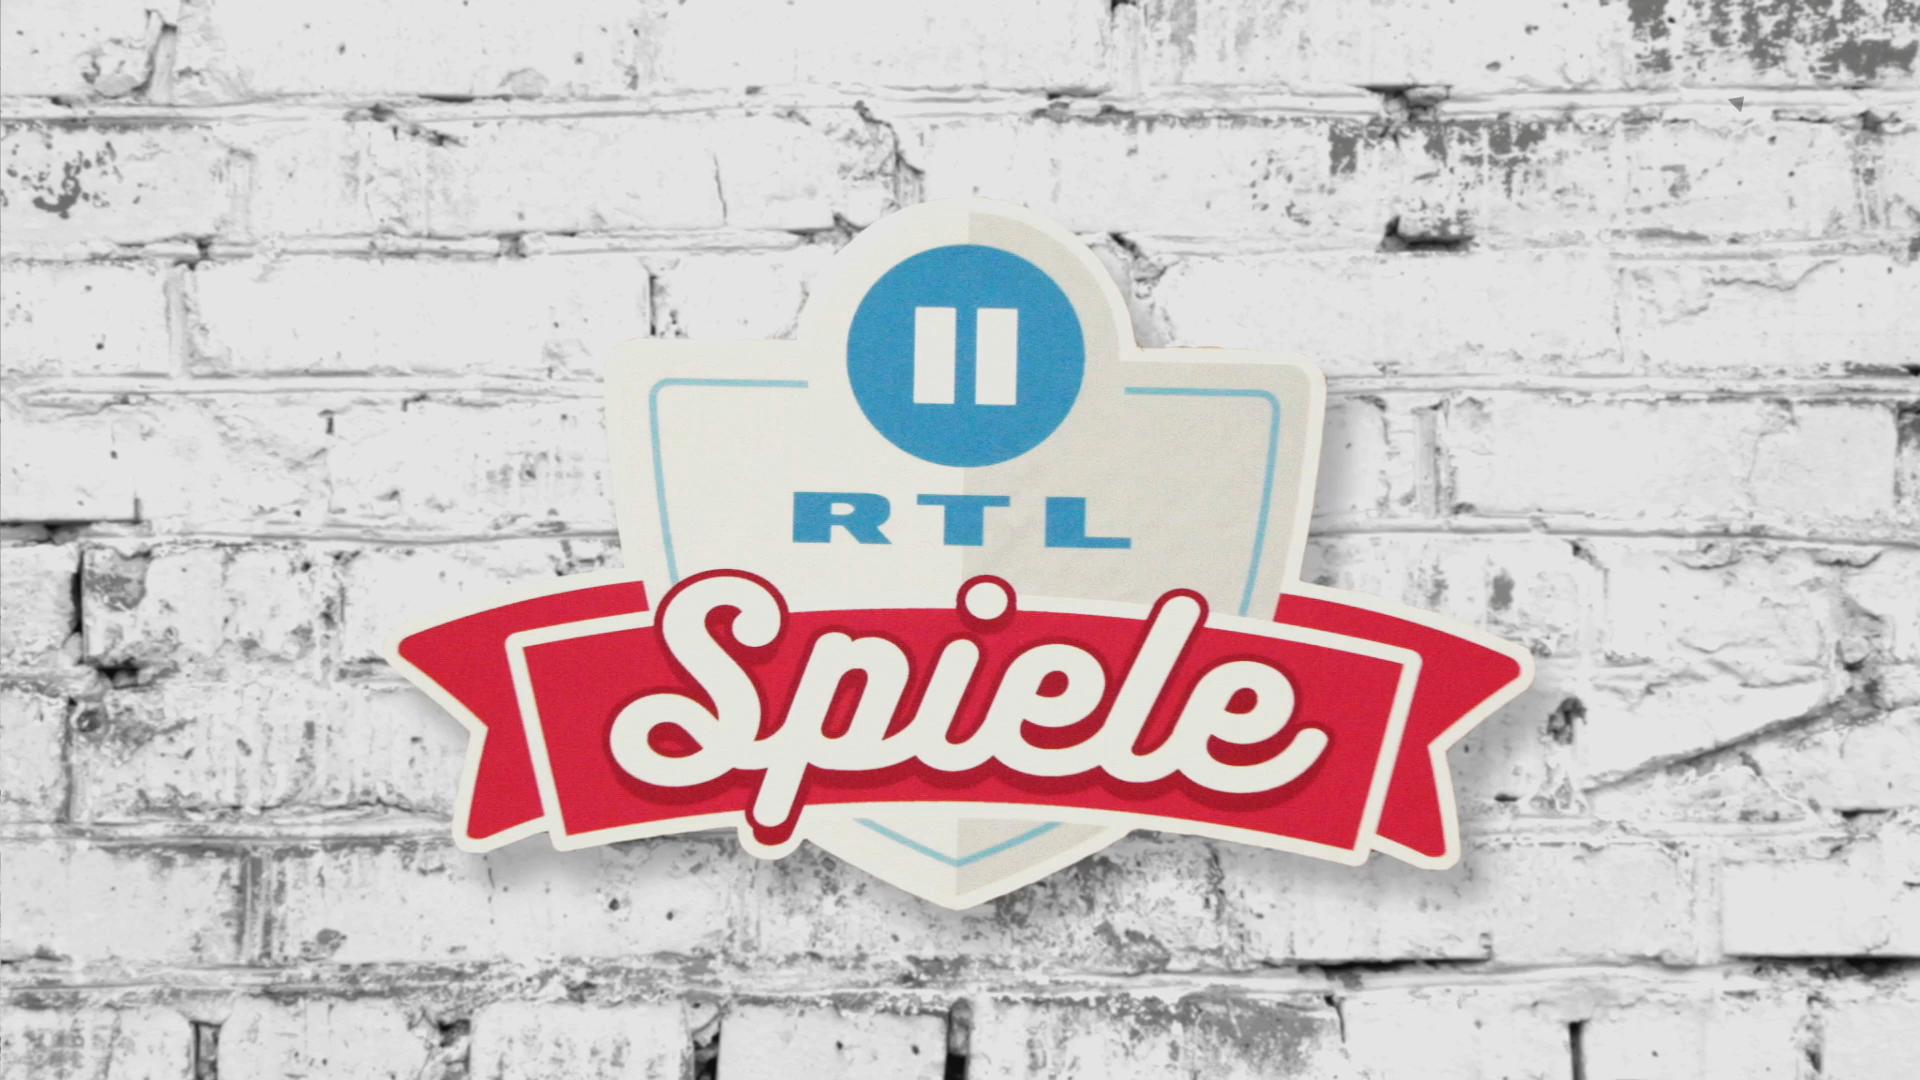 rtl2 spile